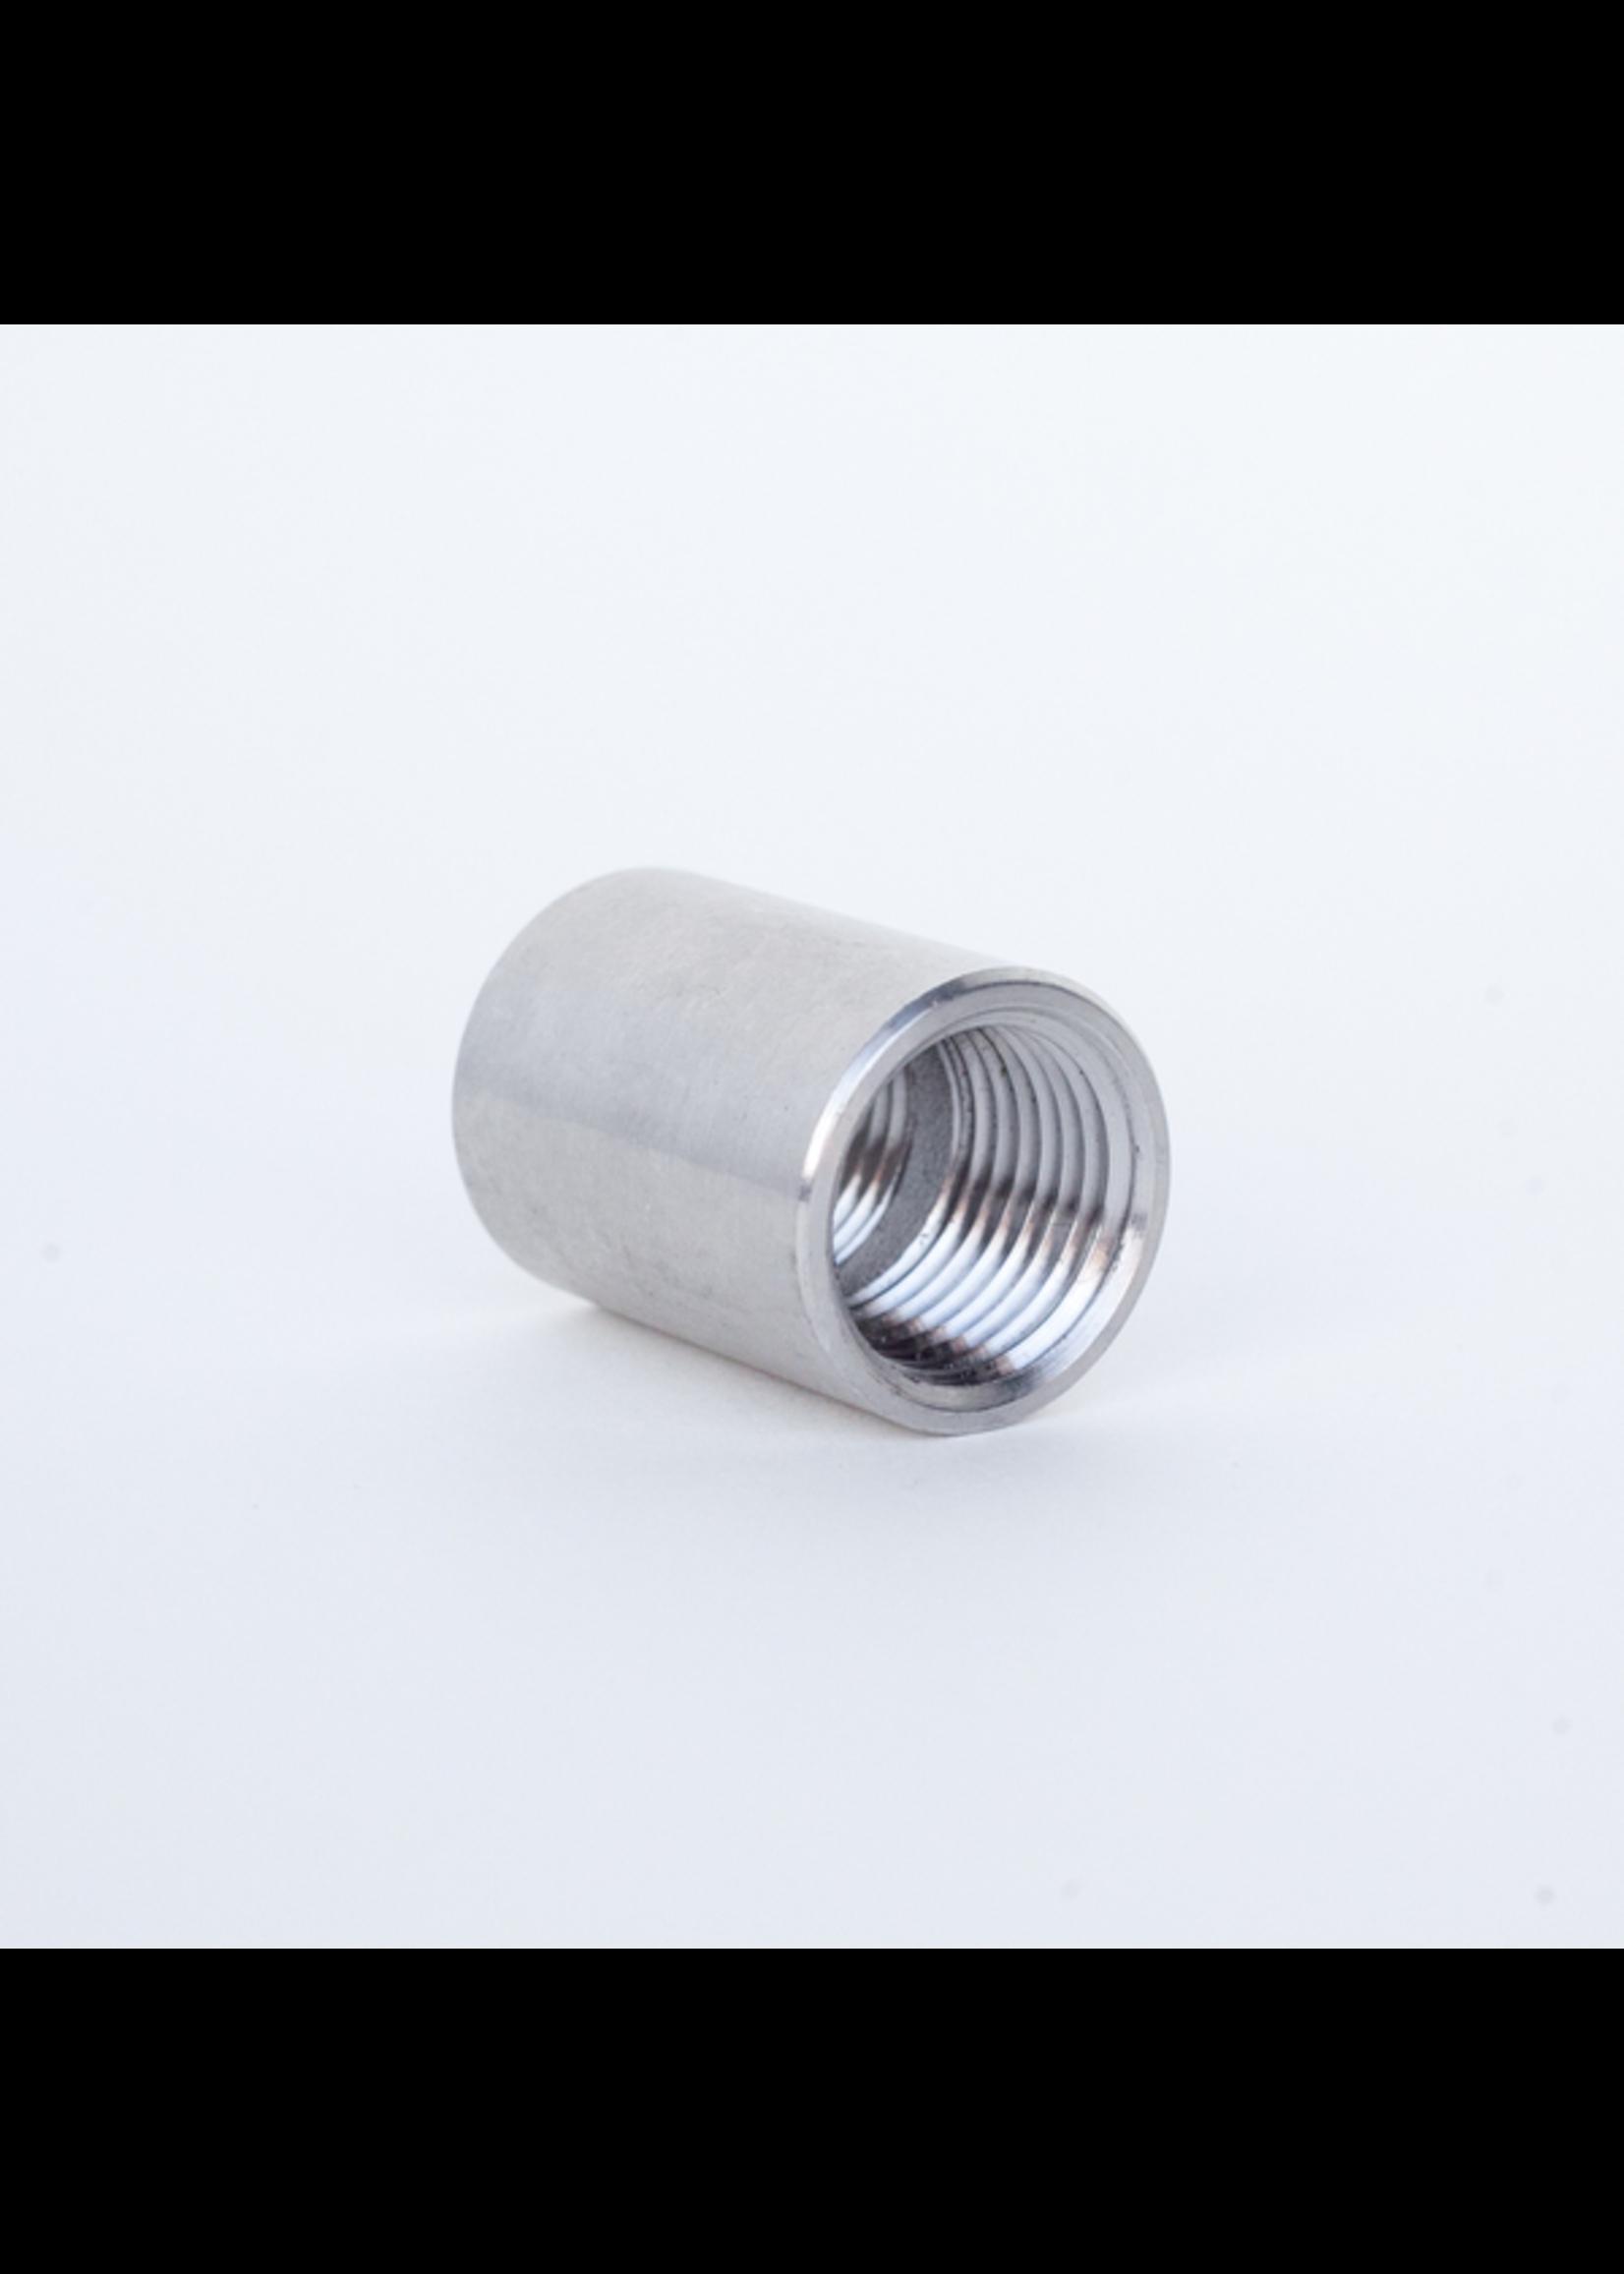 """Kegging Threaded Coupler - 1/2"""" NPT - Stainless Steel - #D07"""